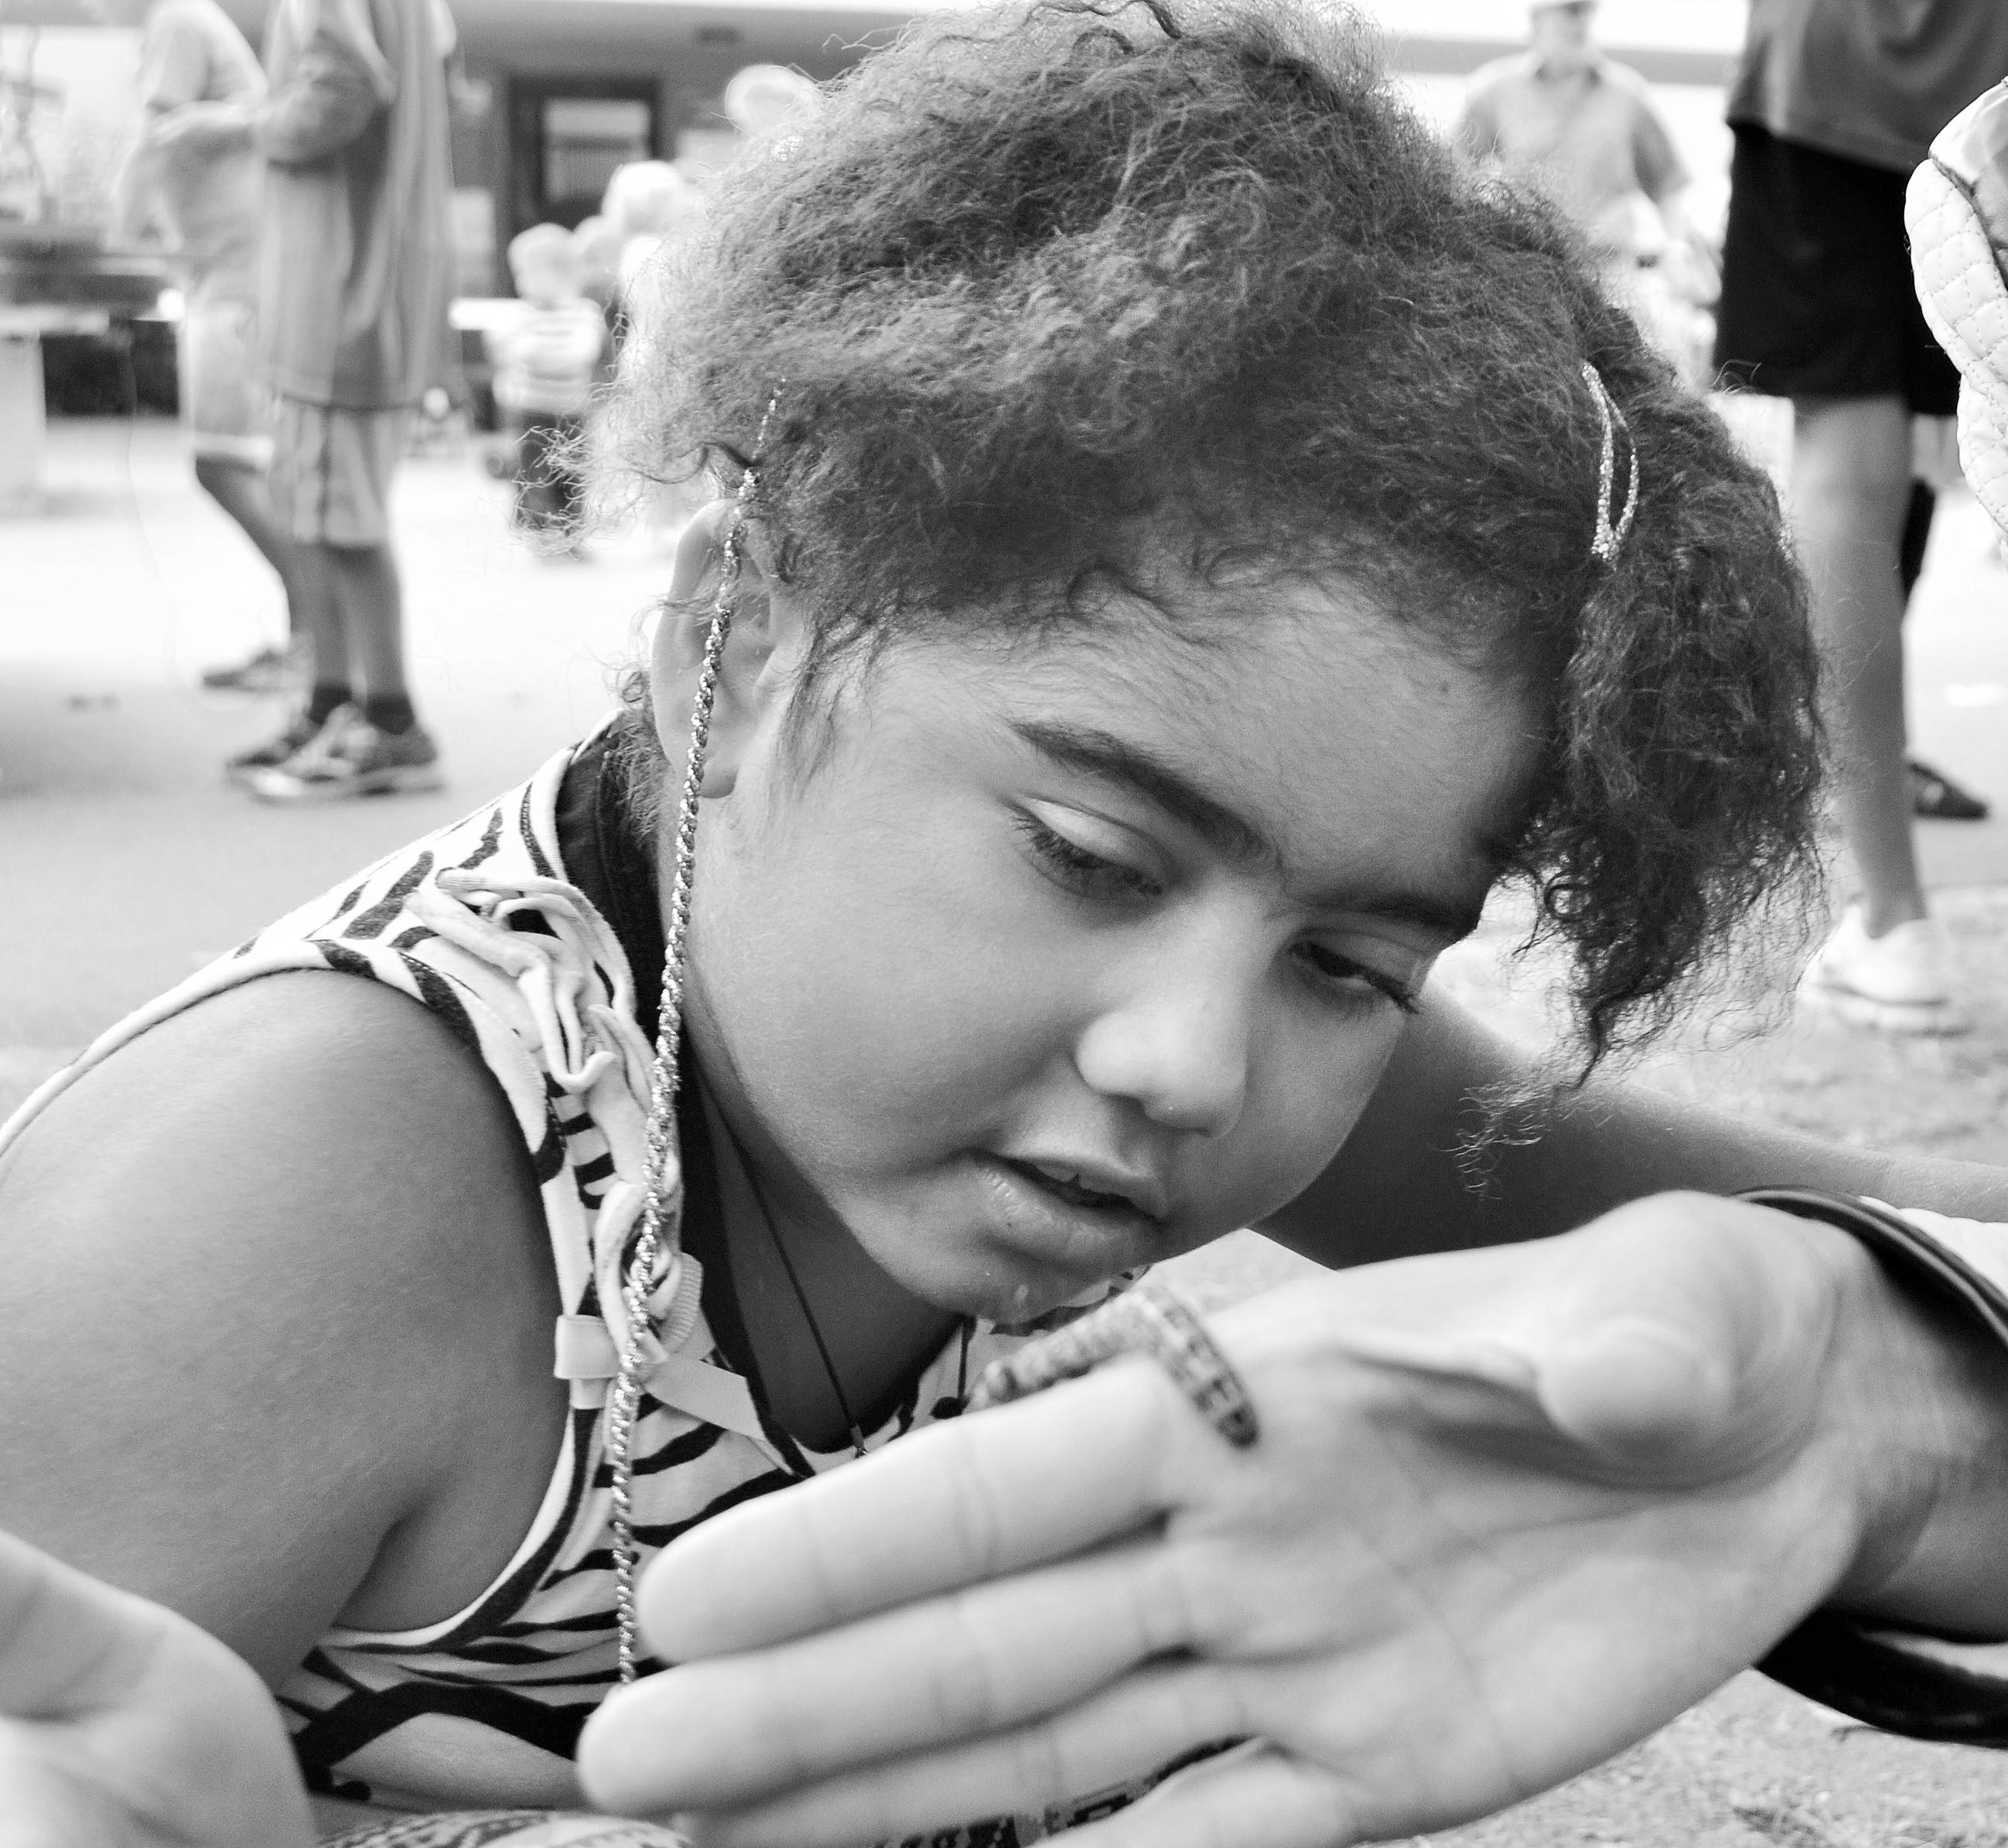 gehirntumor bei kindern heilungschancen